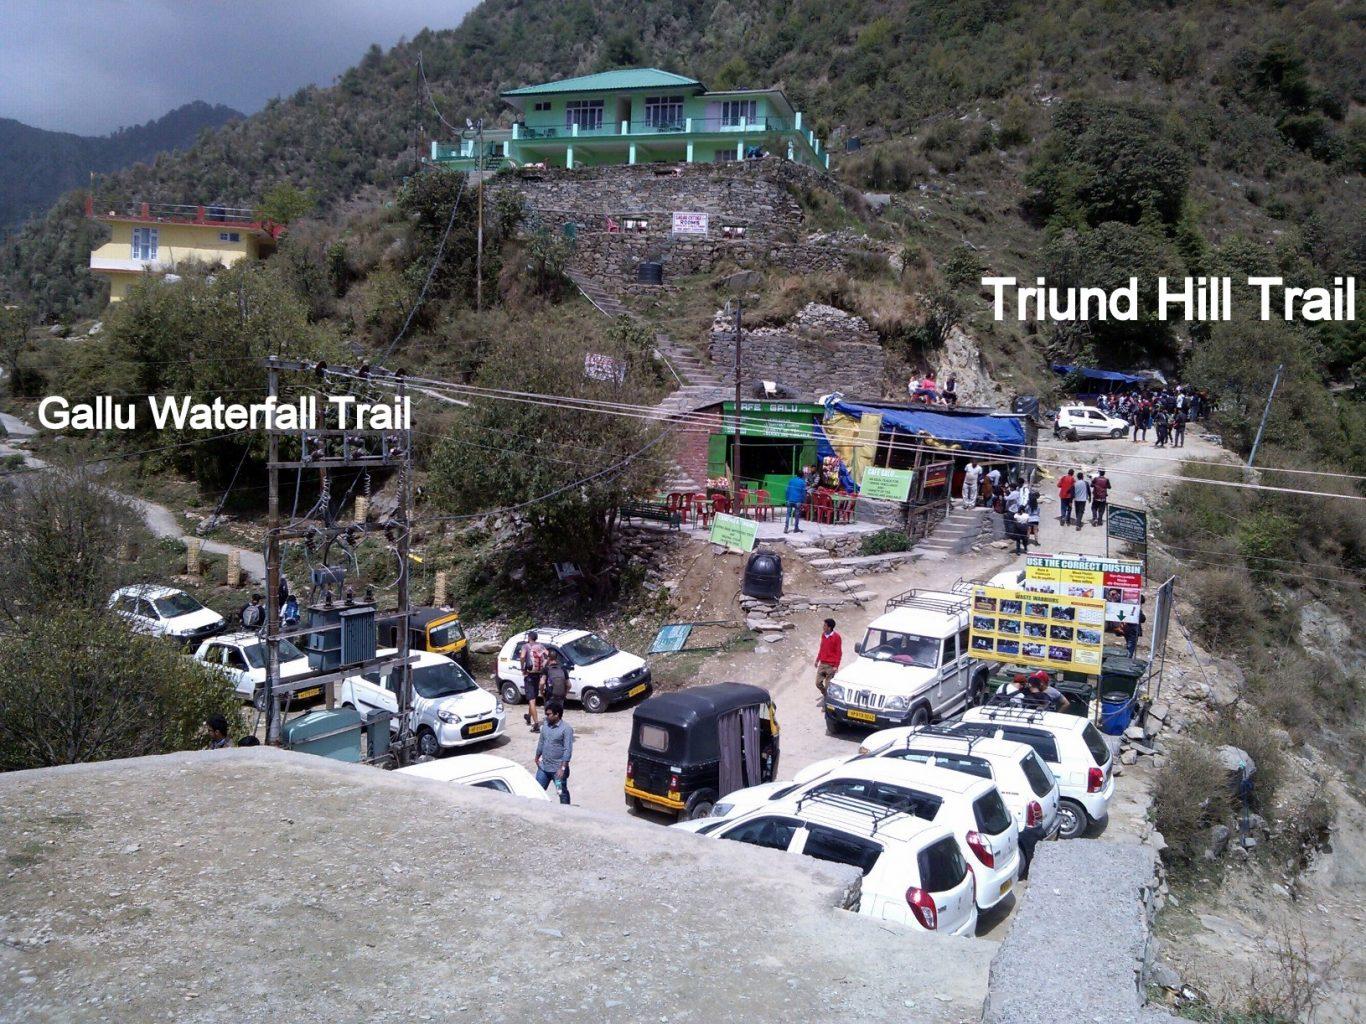 Gallu Waterfall Trail from Gallu Devi Temple